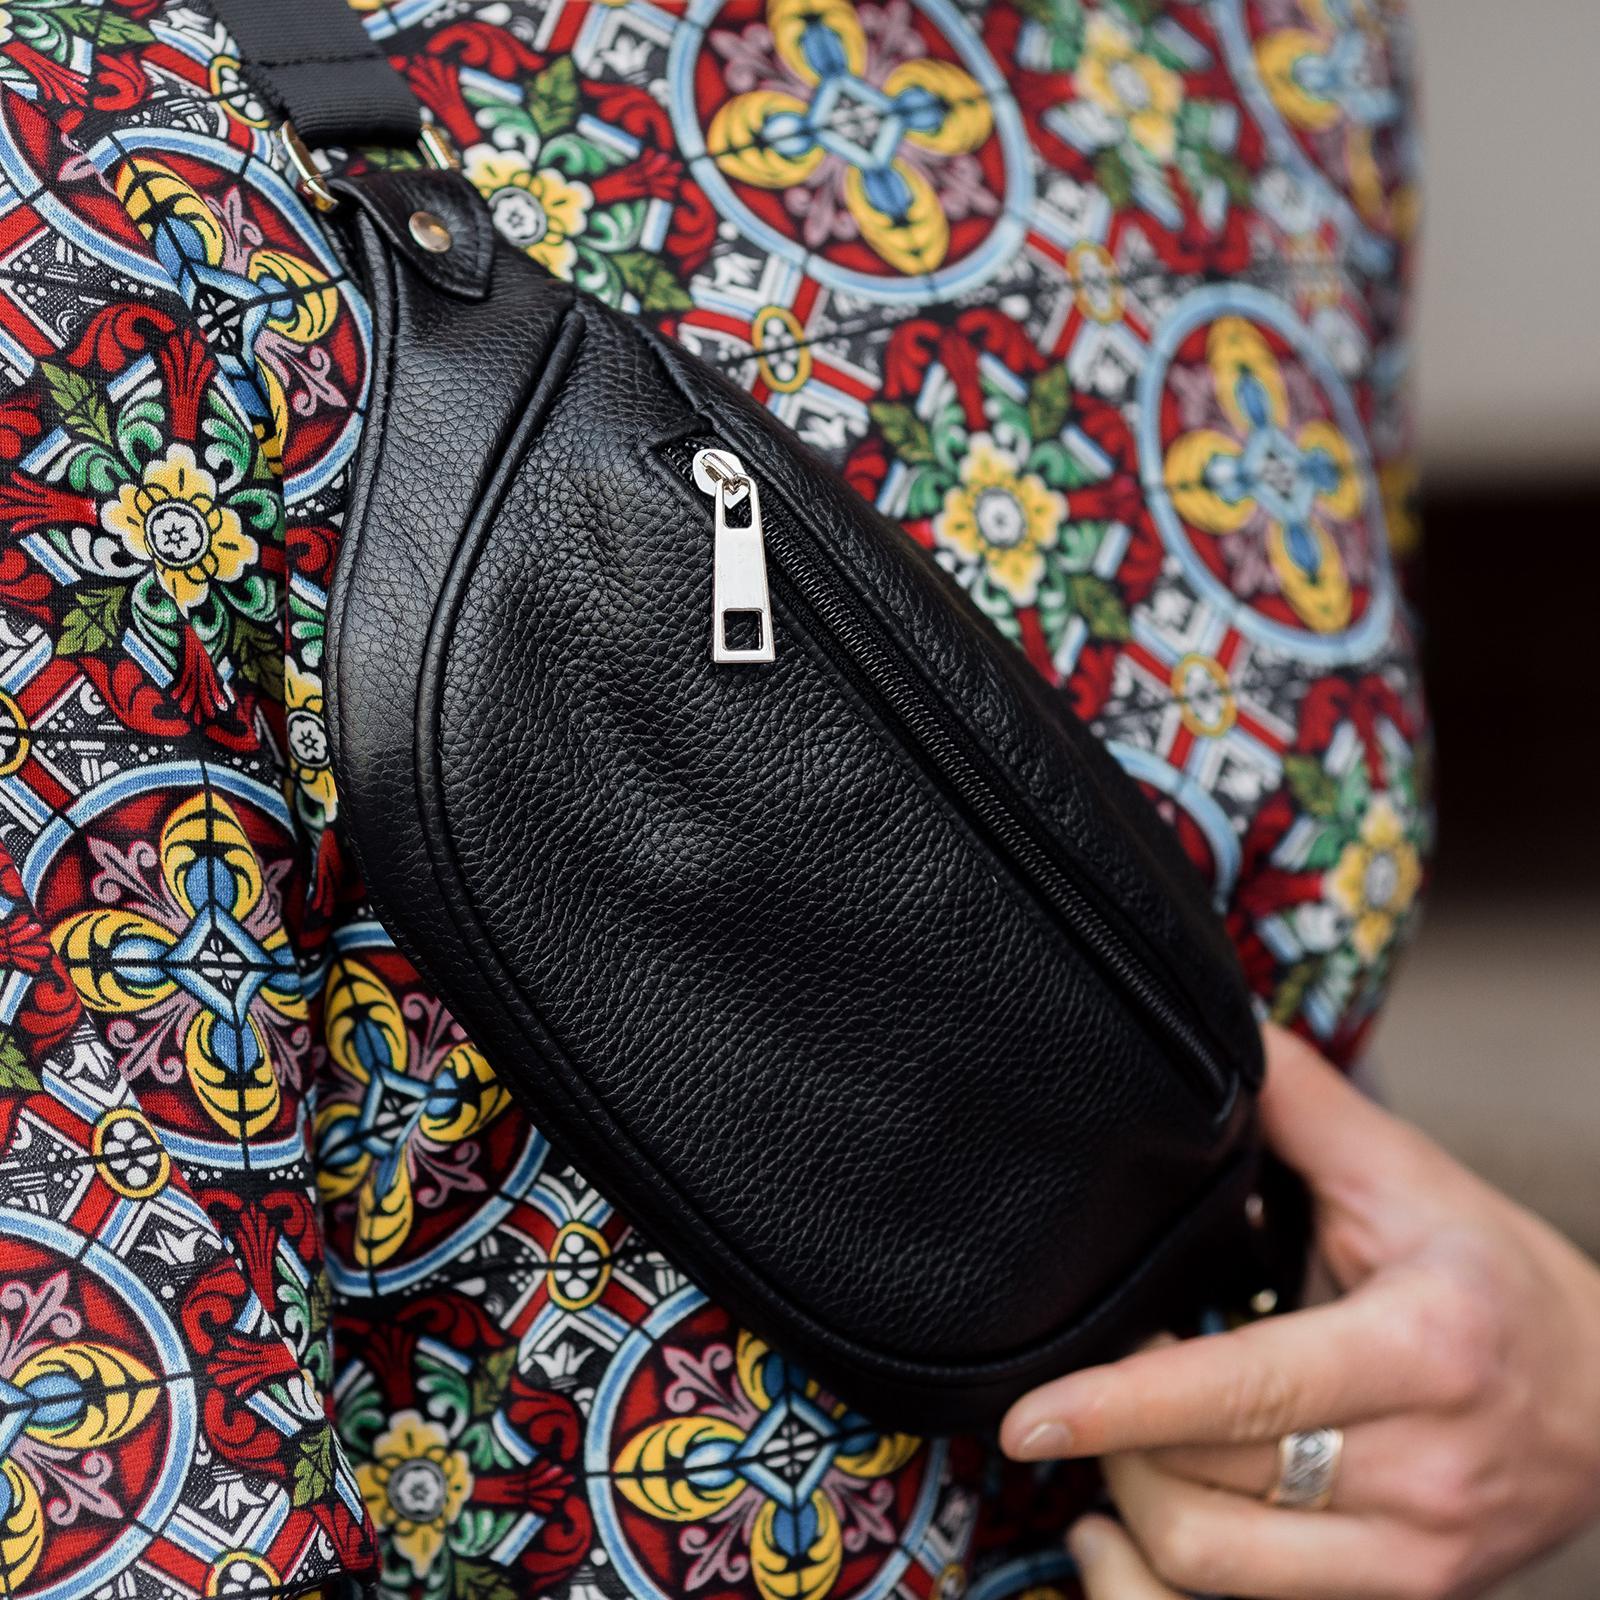 Фото: сумка шкіряна на талію чорна